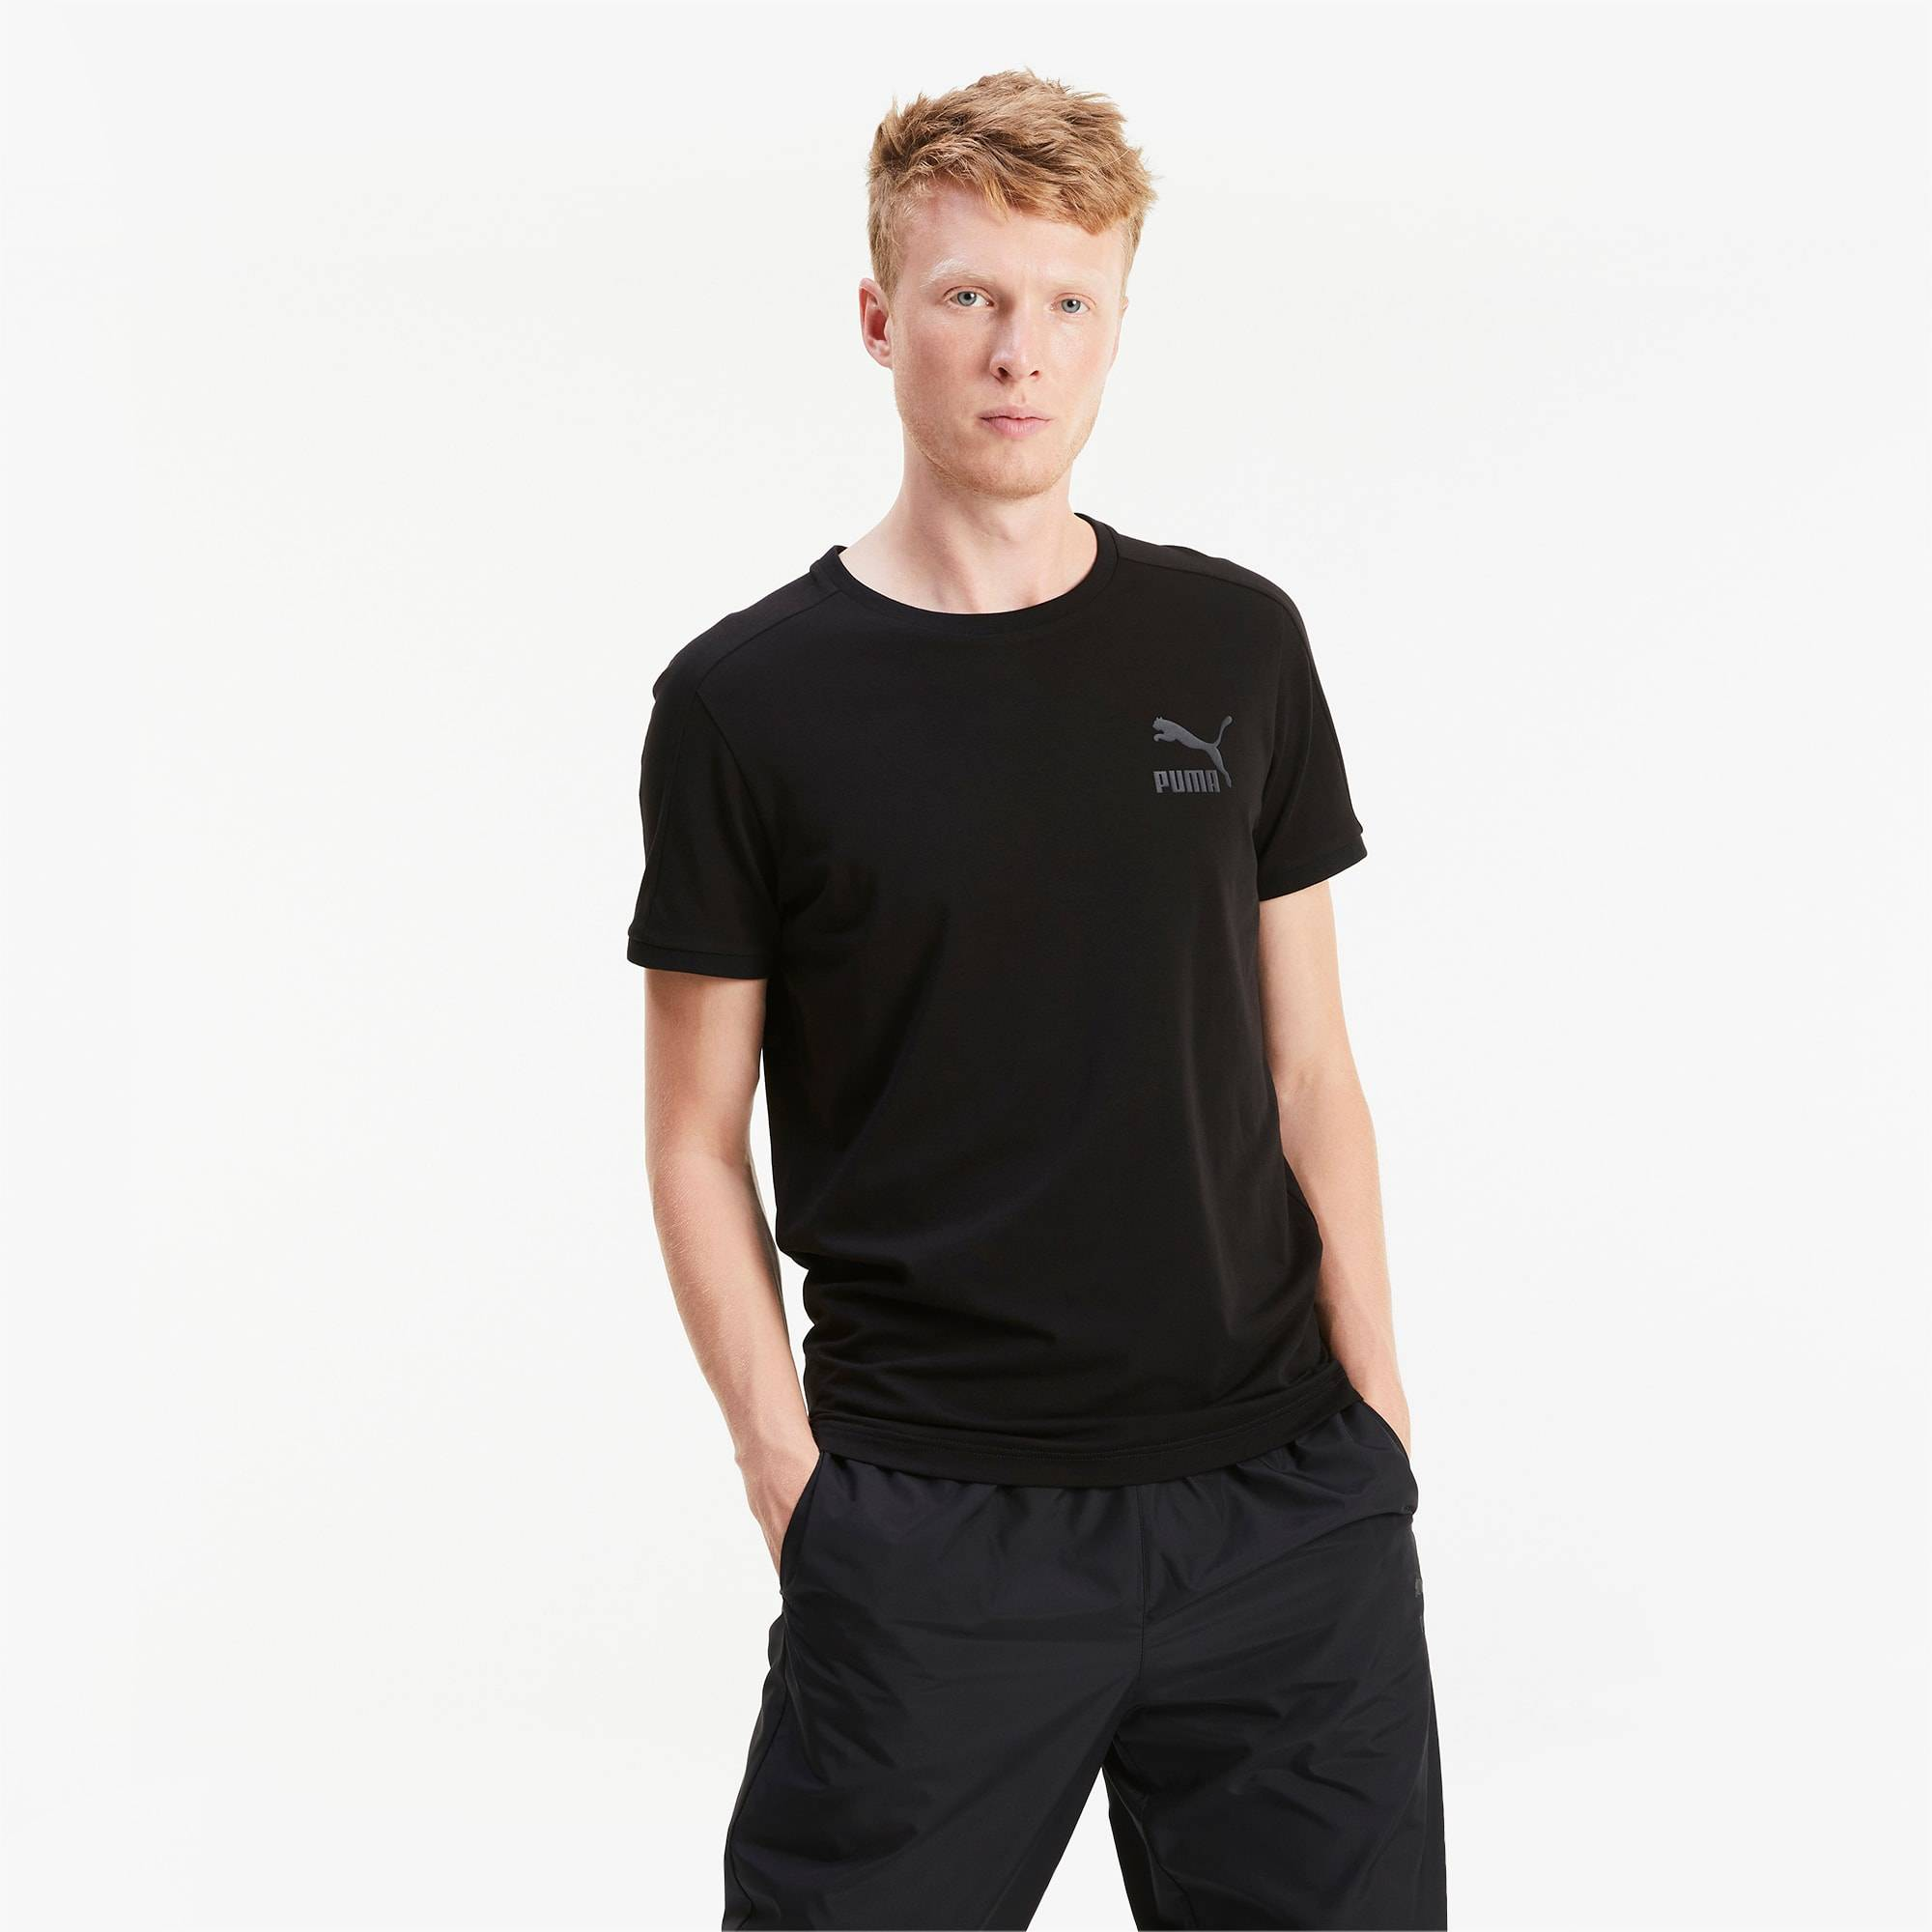 PUMA T-Shirt Iconic T7 Slim pour Homme, Noir, Taille XL, Vêtements